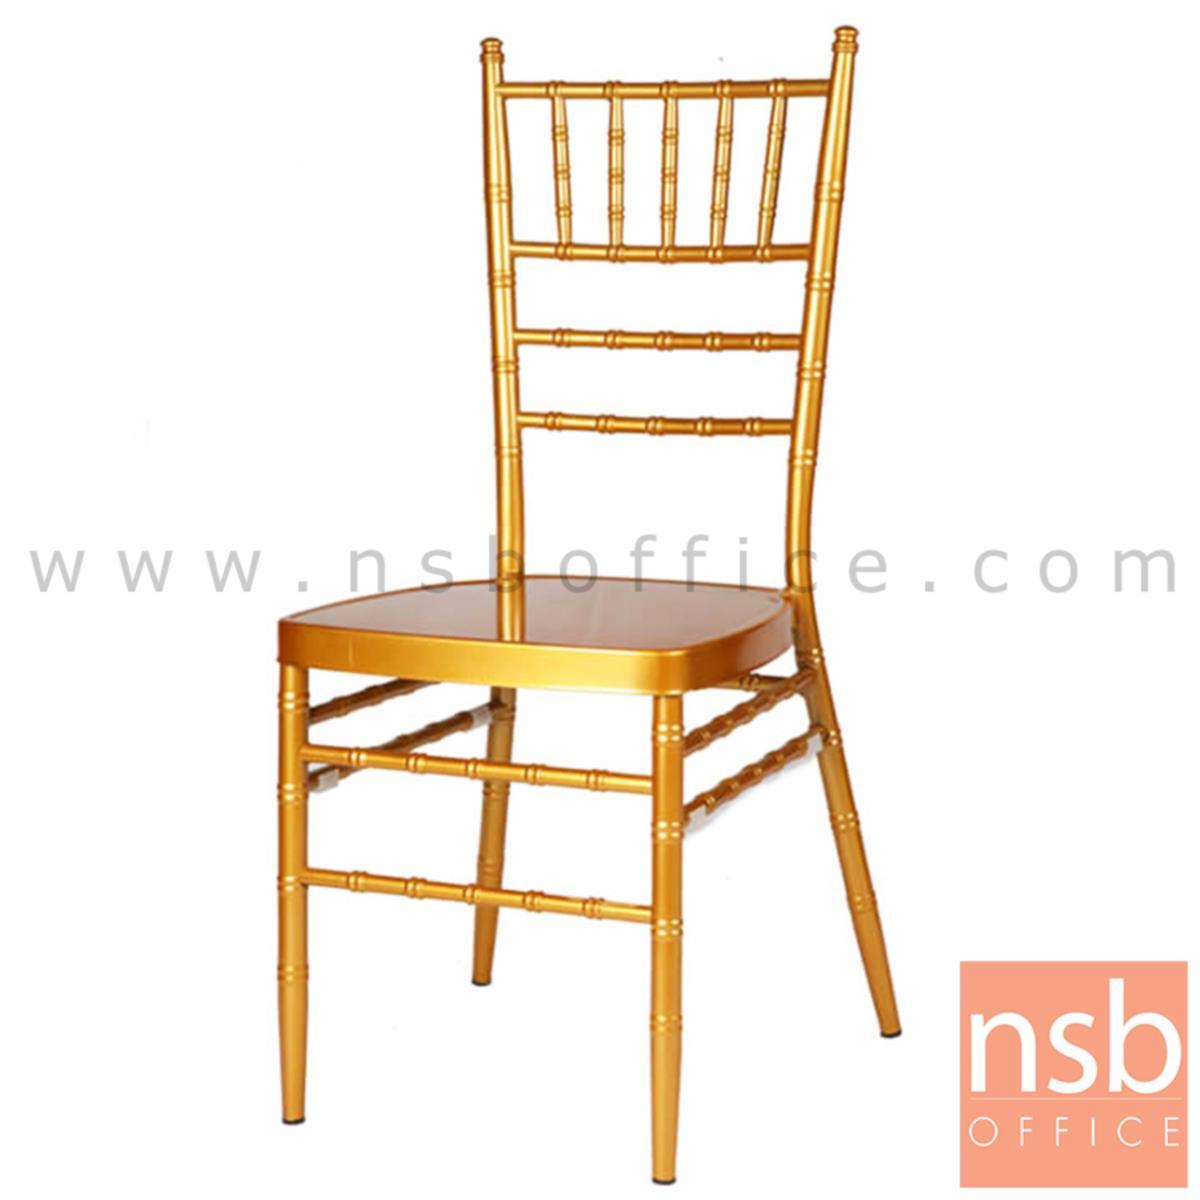 B29A360:เก้าอี้ชิวารี รุ่น Tiffany (ทิฟฟานี่) ขนาด 40w cm.  โครงขาเหล็ก